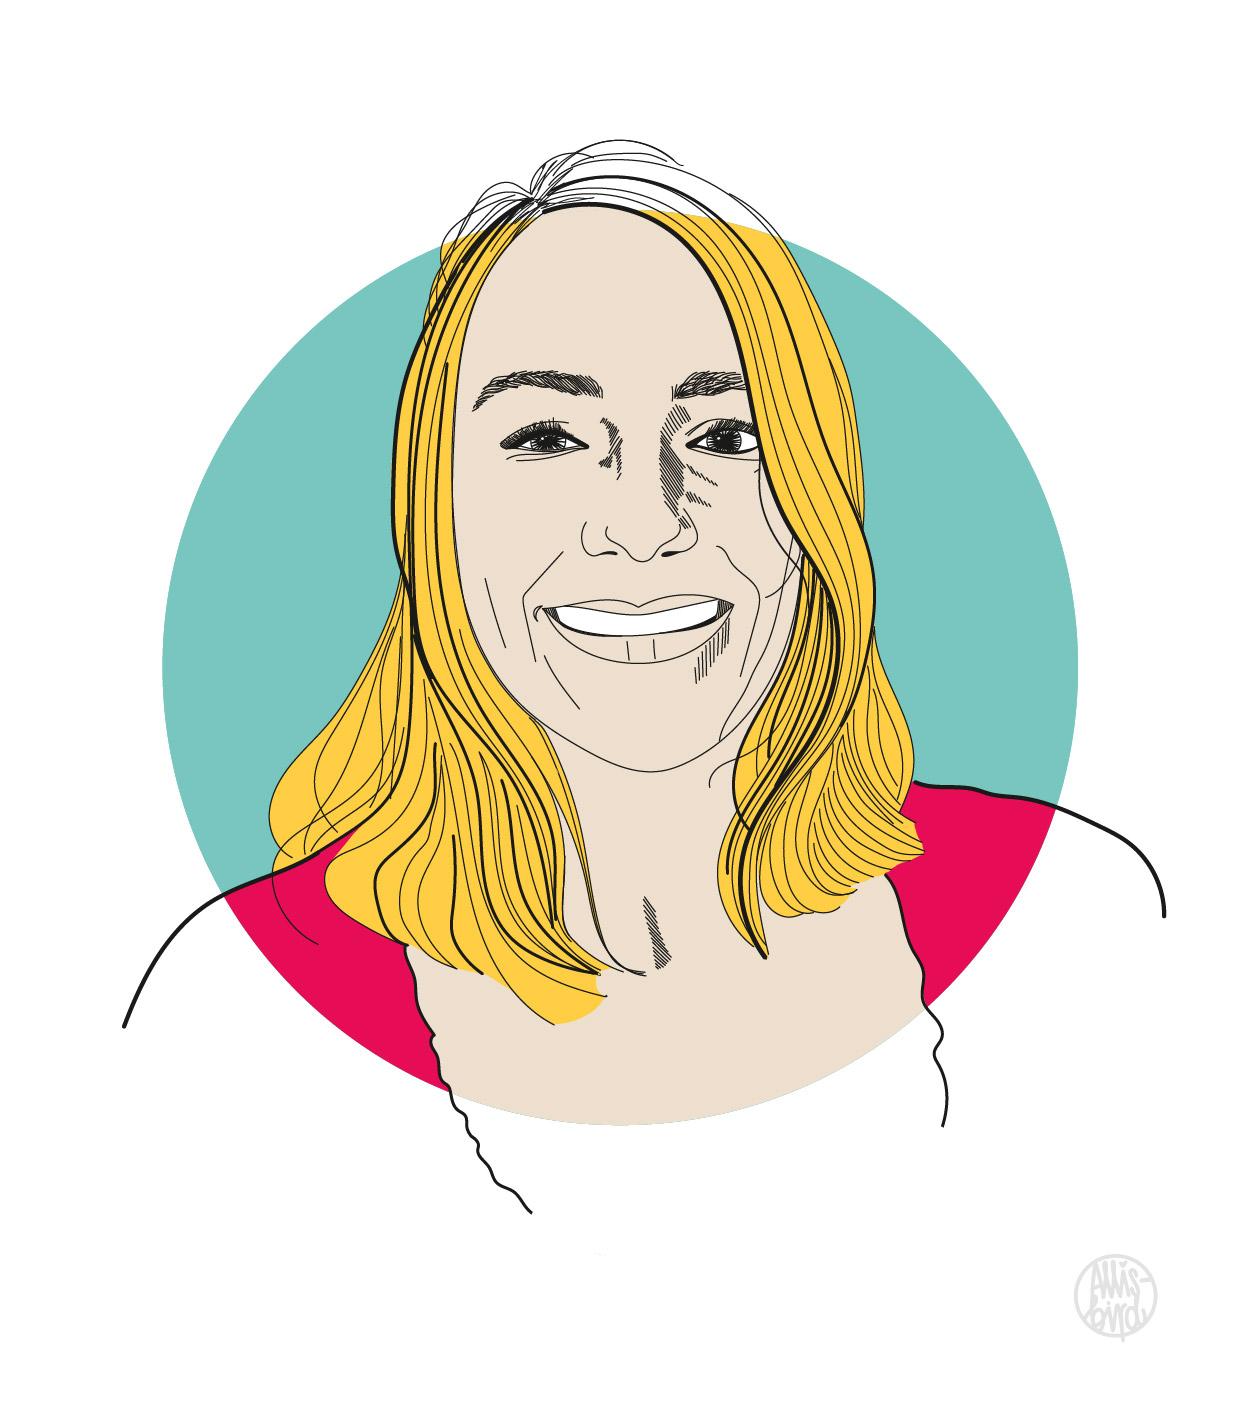 portrait-illustration-grafikdesign-maren-marie-goerke